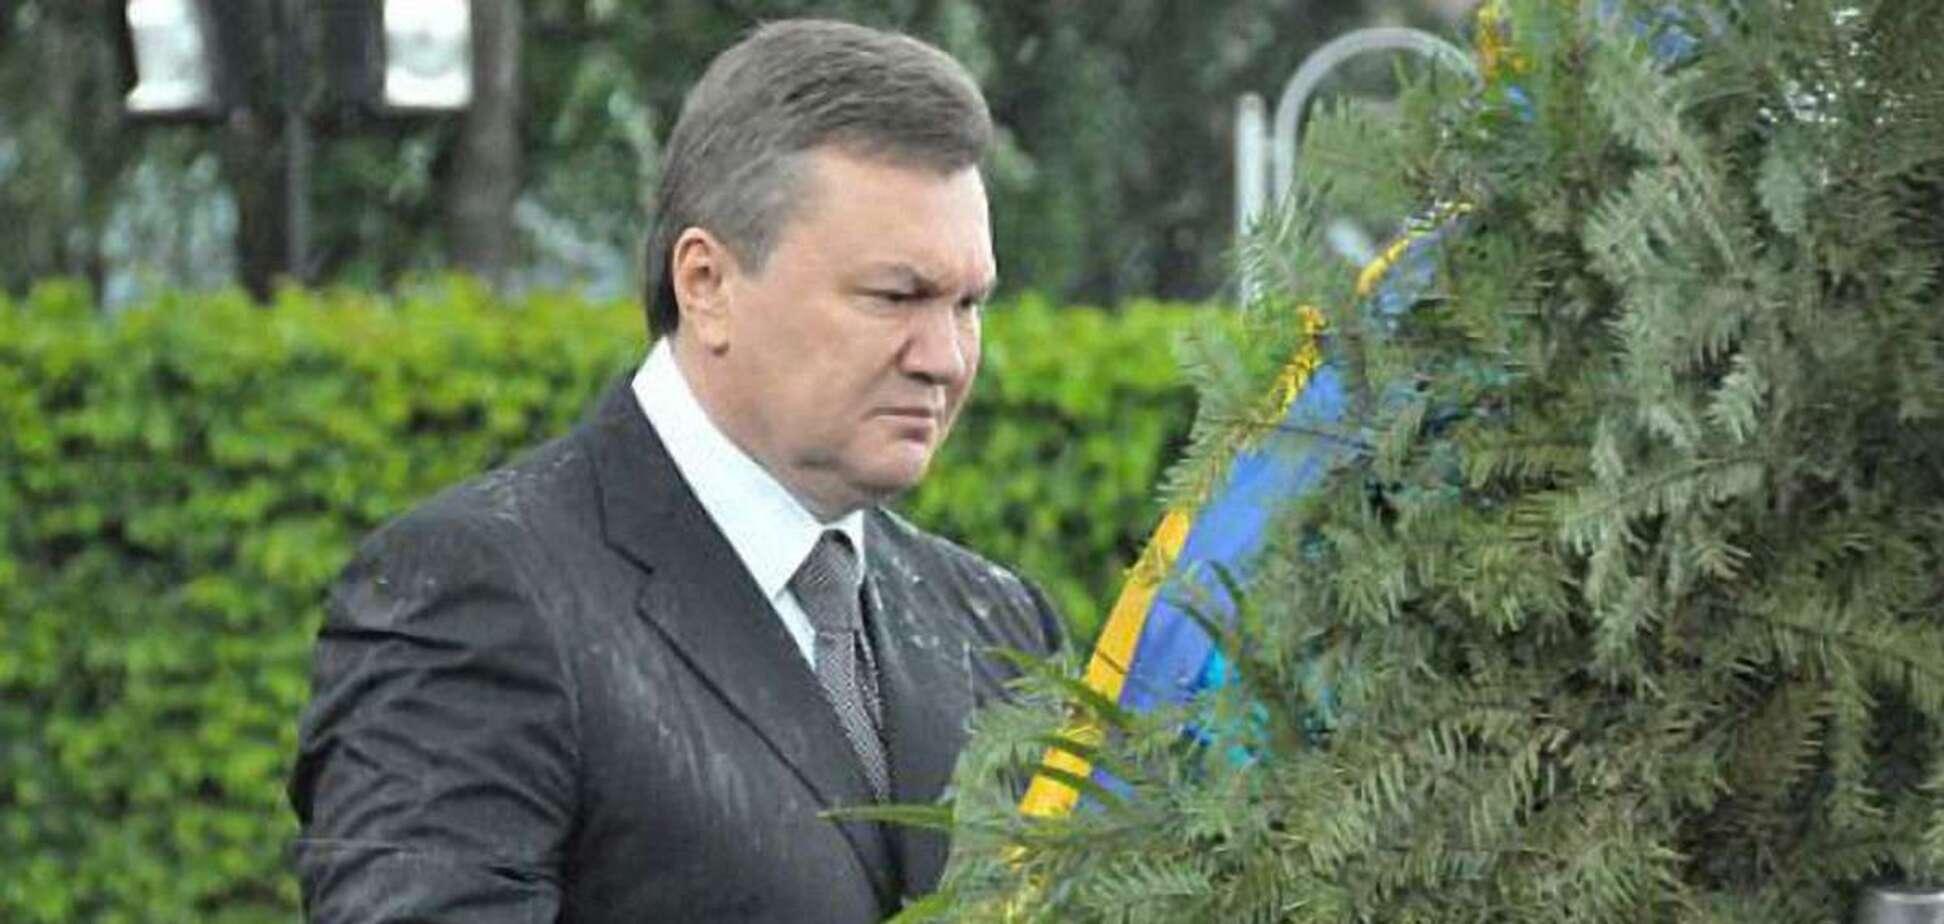 Янукович та вінок: пройшло рівно 11 років з моменту 'нападу'. Епічне відео